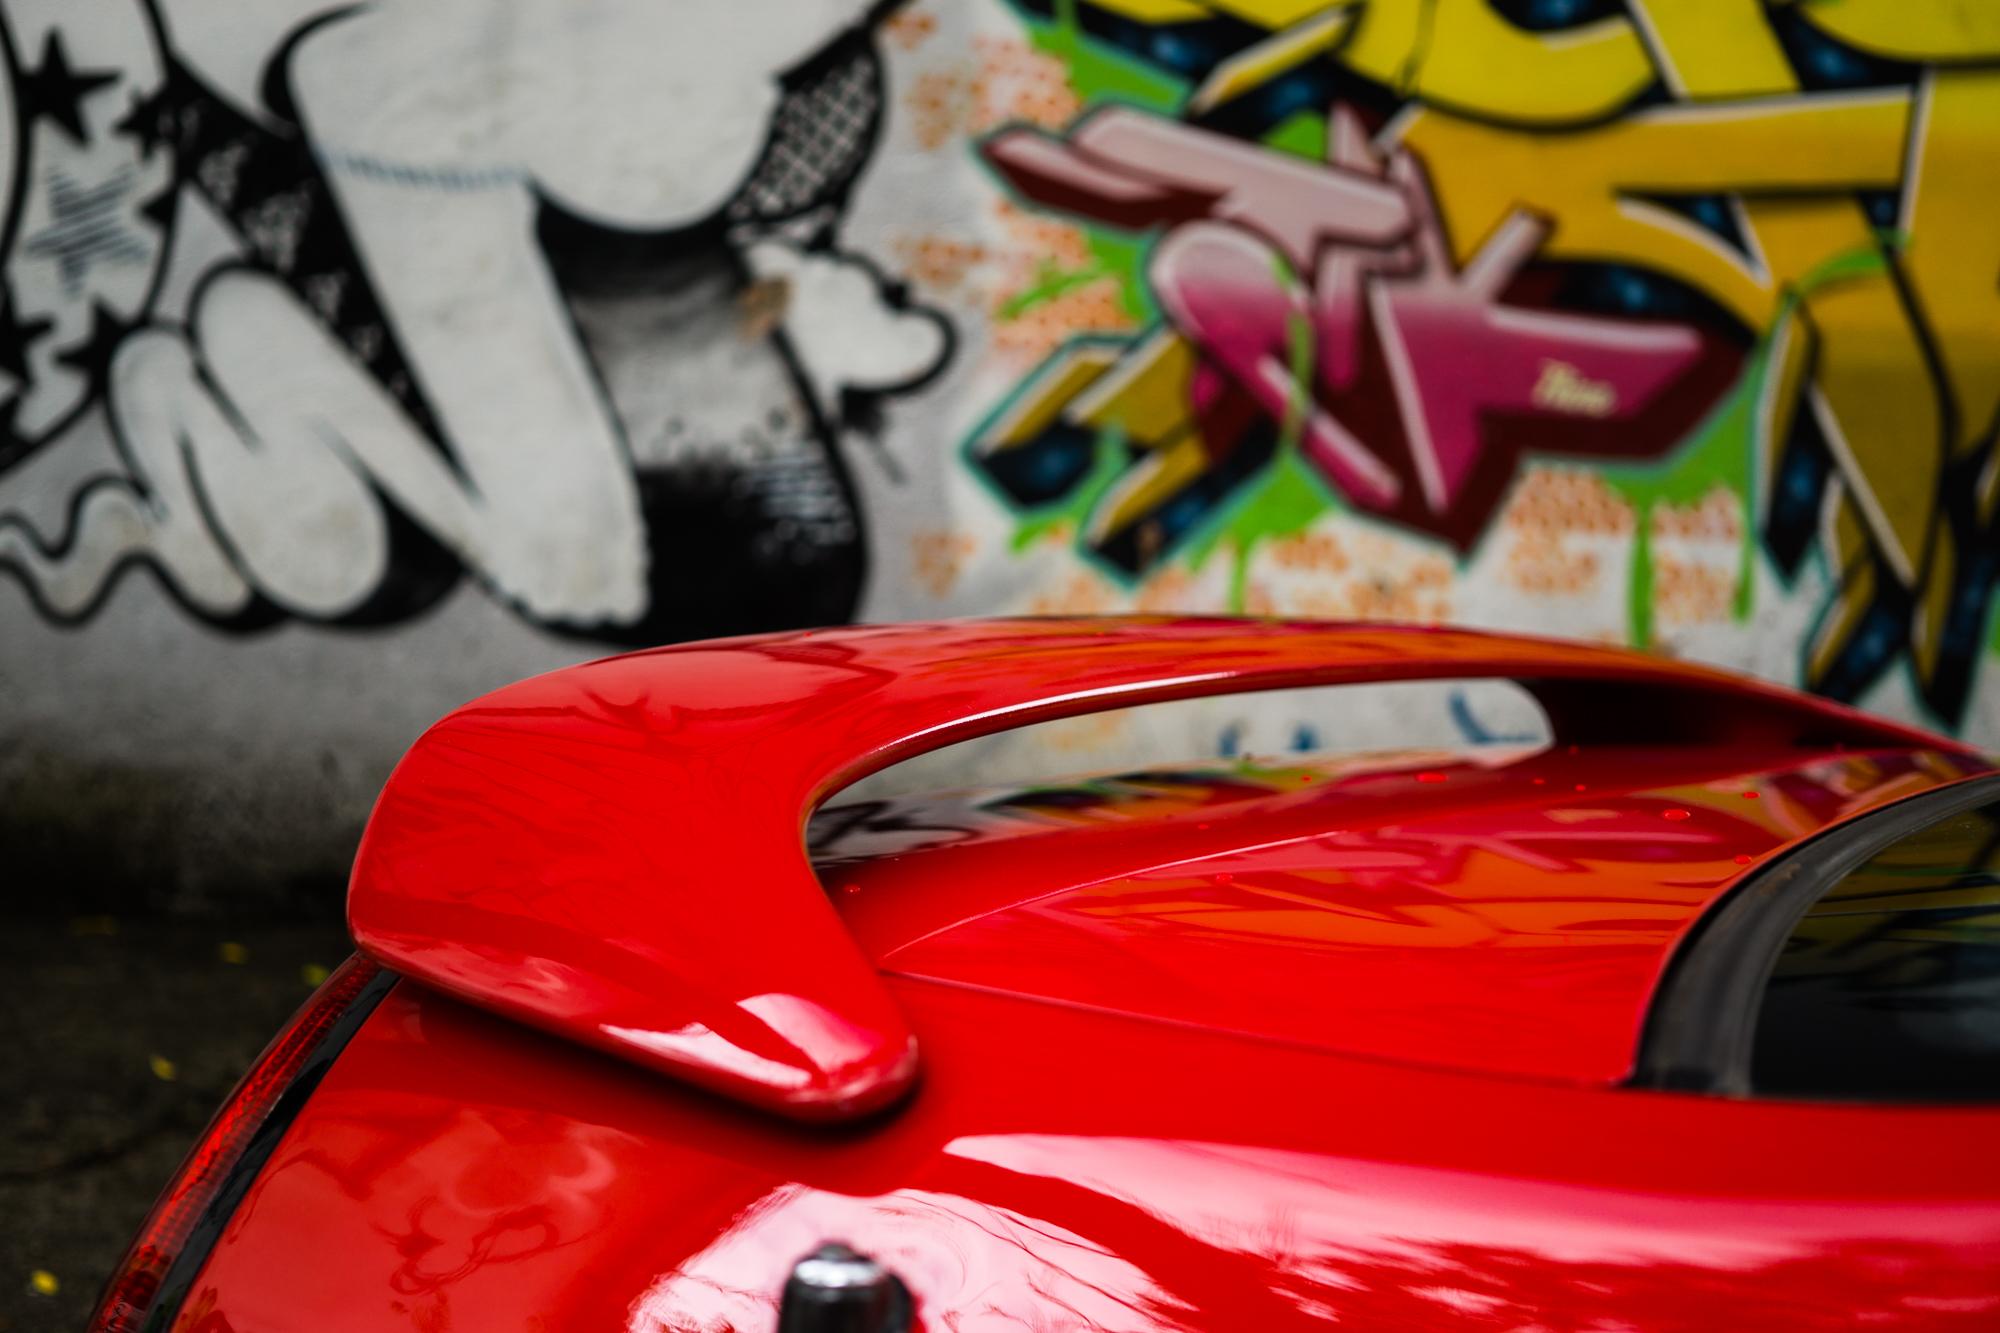 Prelude rear spoiler stock